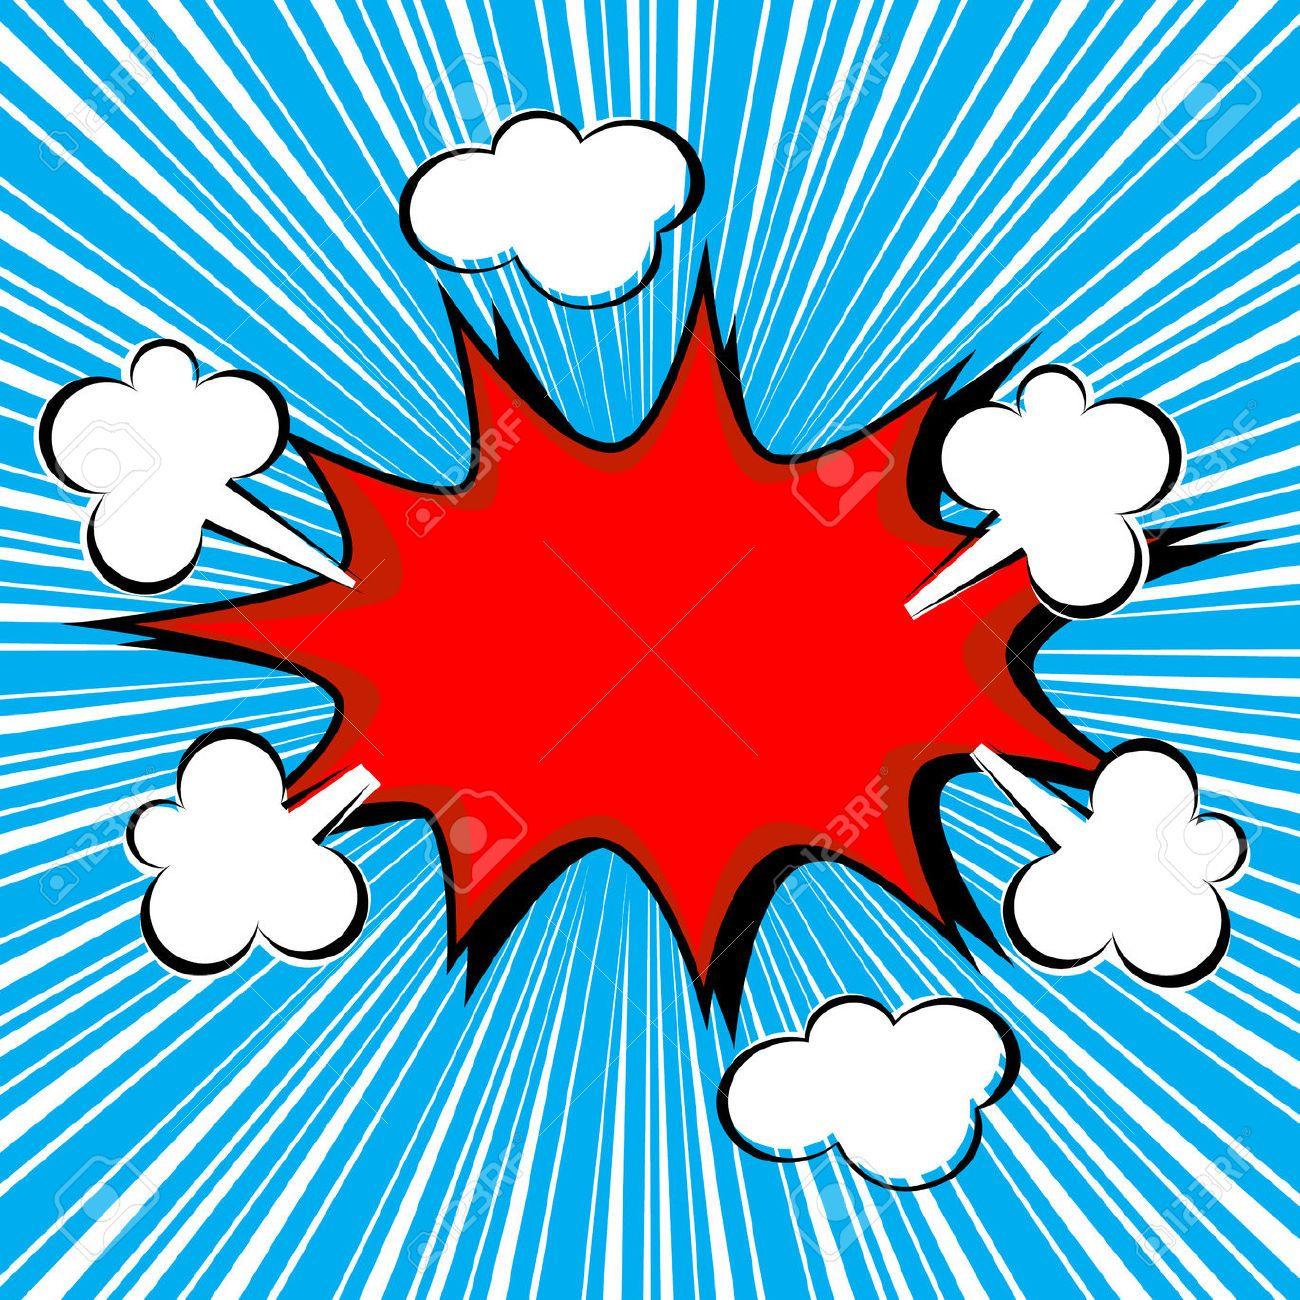 Pin On Superhero Words Amp Logos